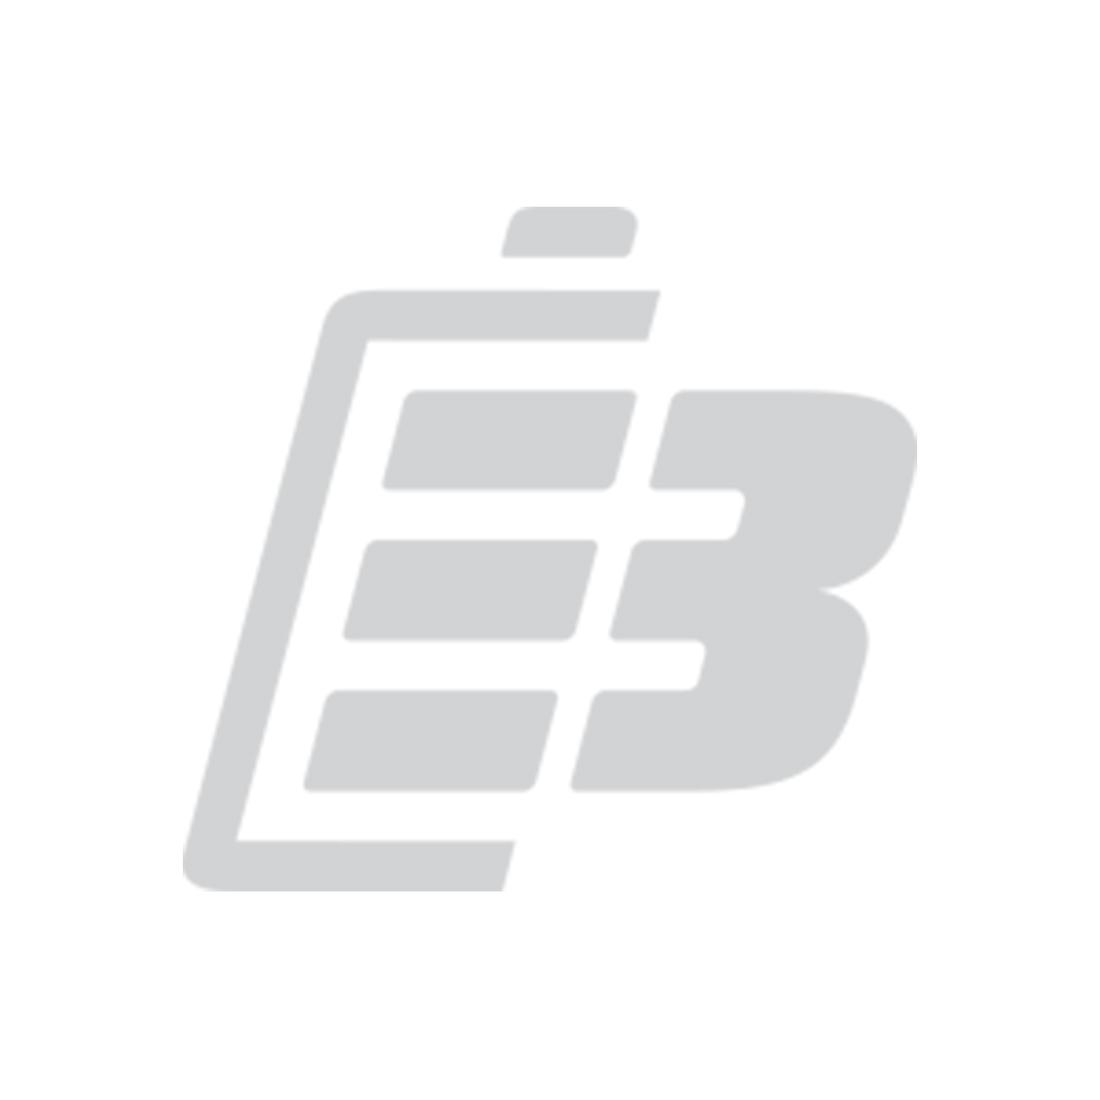 Μπαταρια Μολυβδου Multipower 6V 1Ah